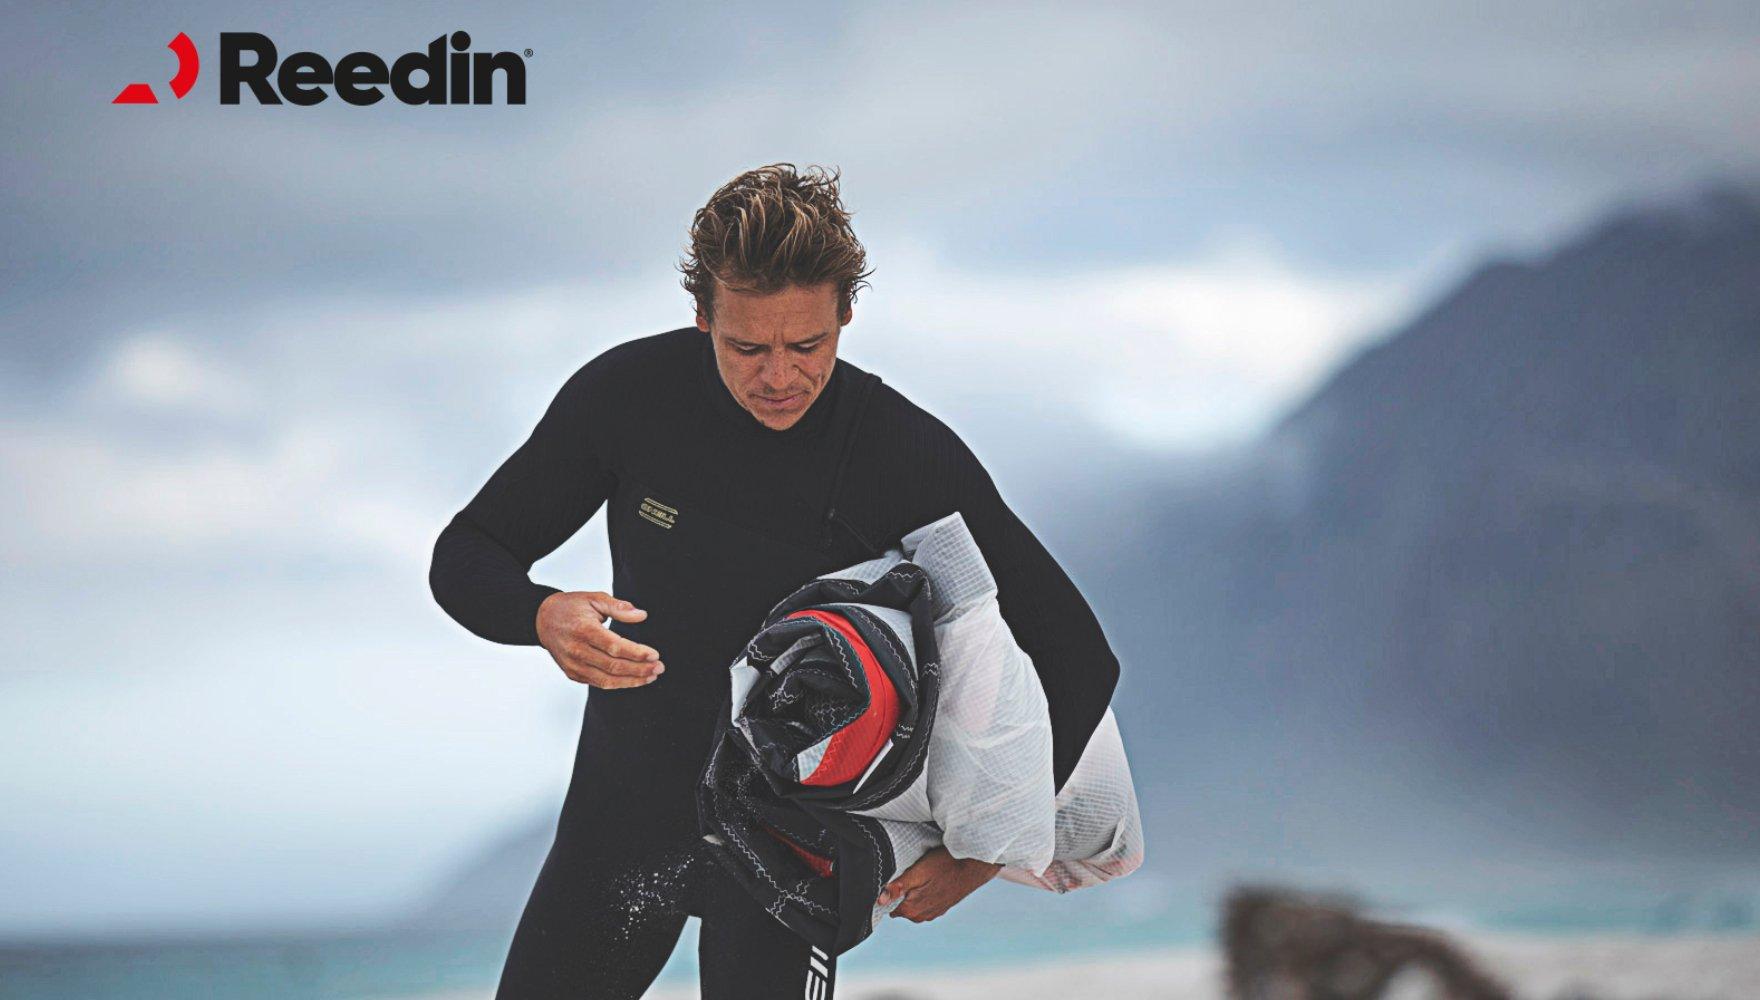 REEDIN - Launch einer neuen Marke